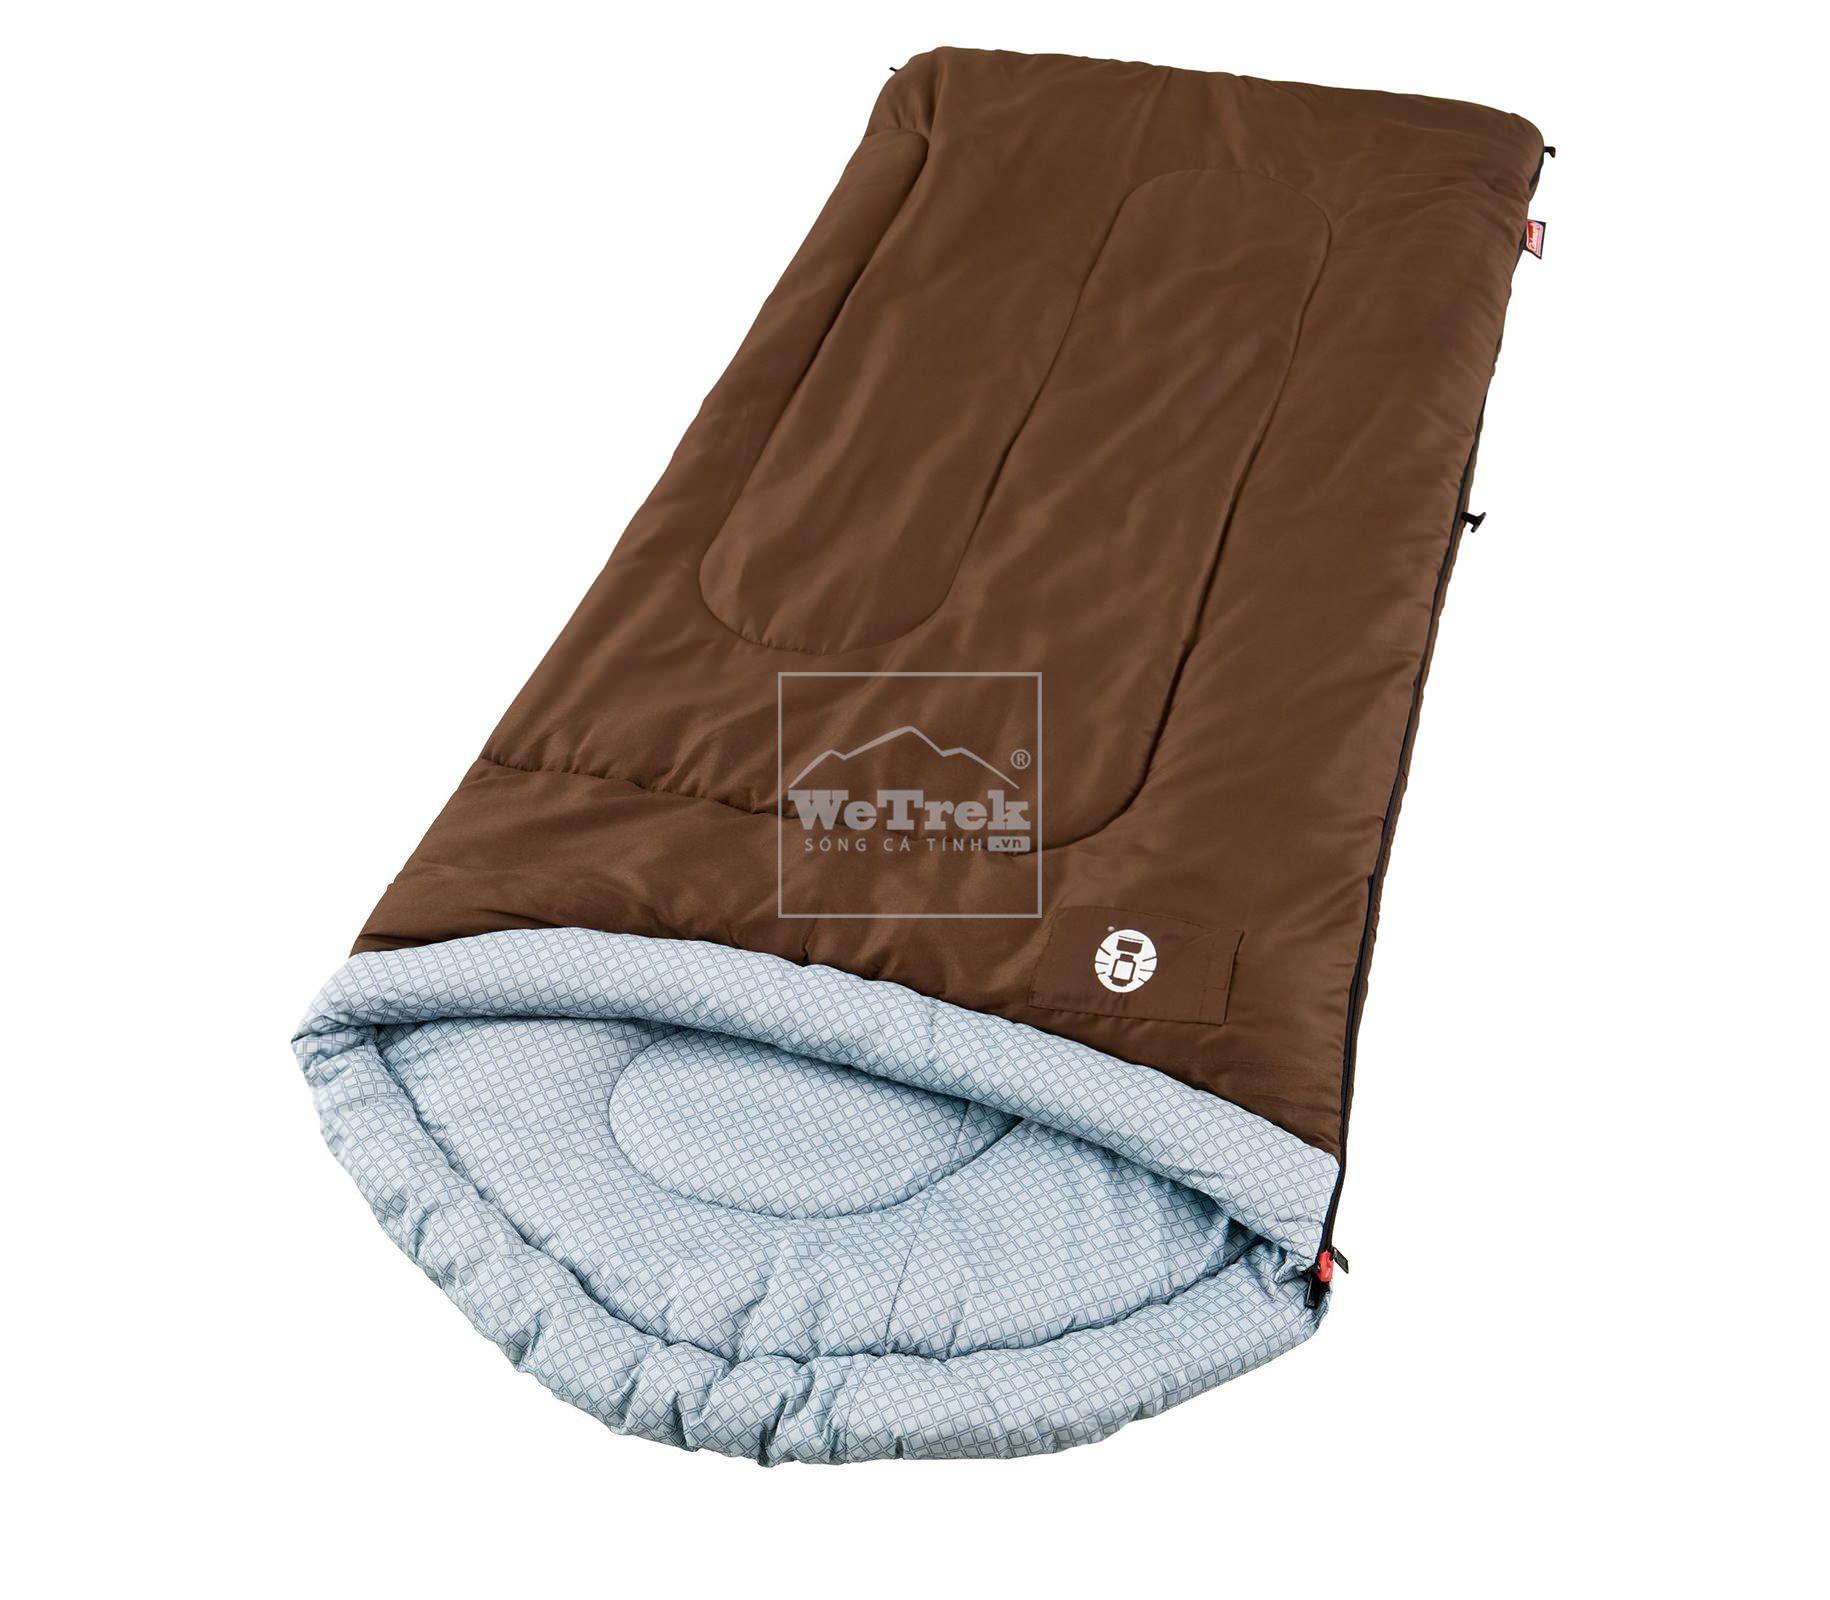 Túi ngủ Coleman Willow Creek 2000004446